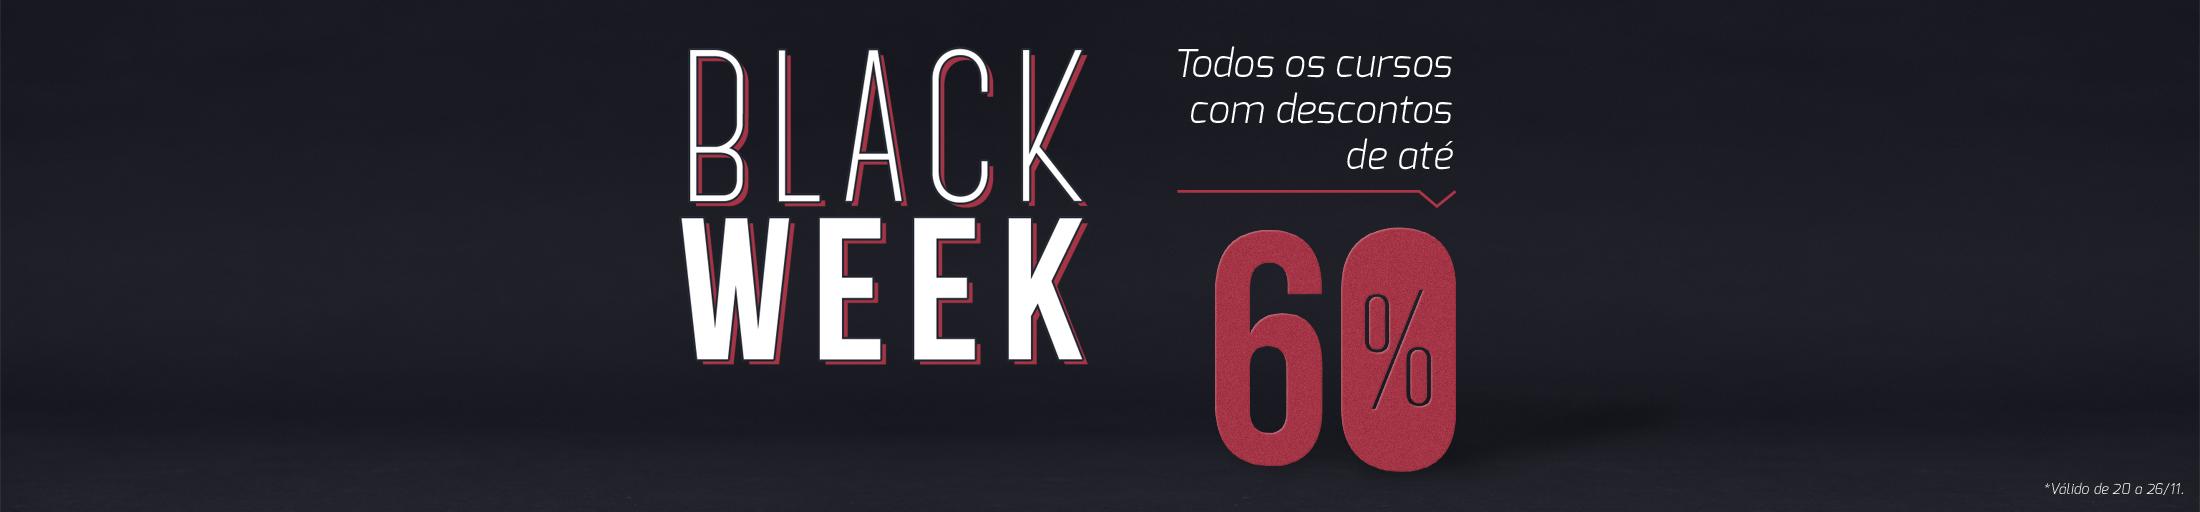 BANNER-SITE-BLACK-WEEK-2017